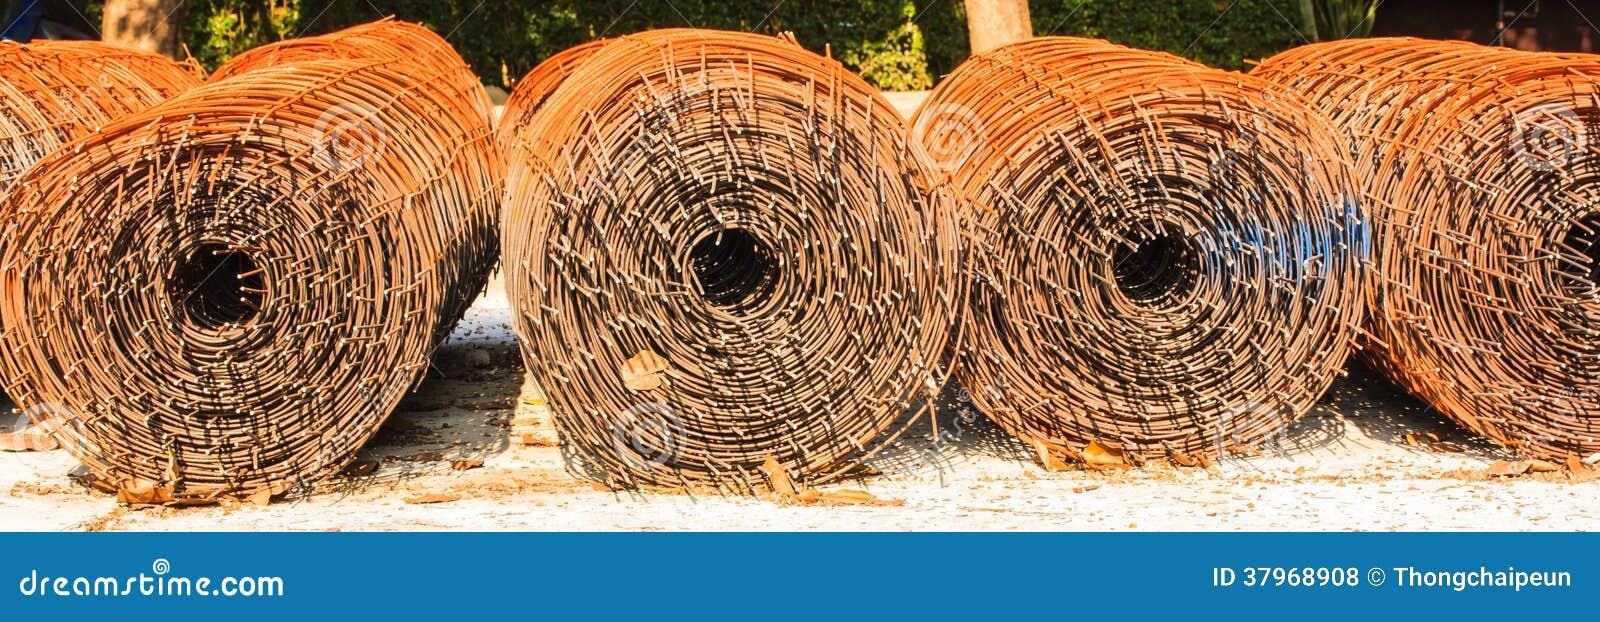 Alter rostiger Draht stockfoto. Bild von rost, element - 37968908